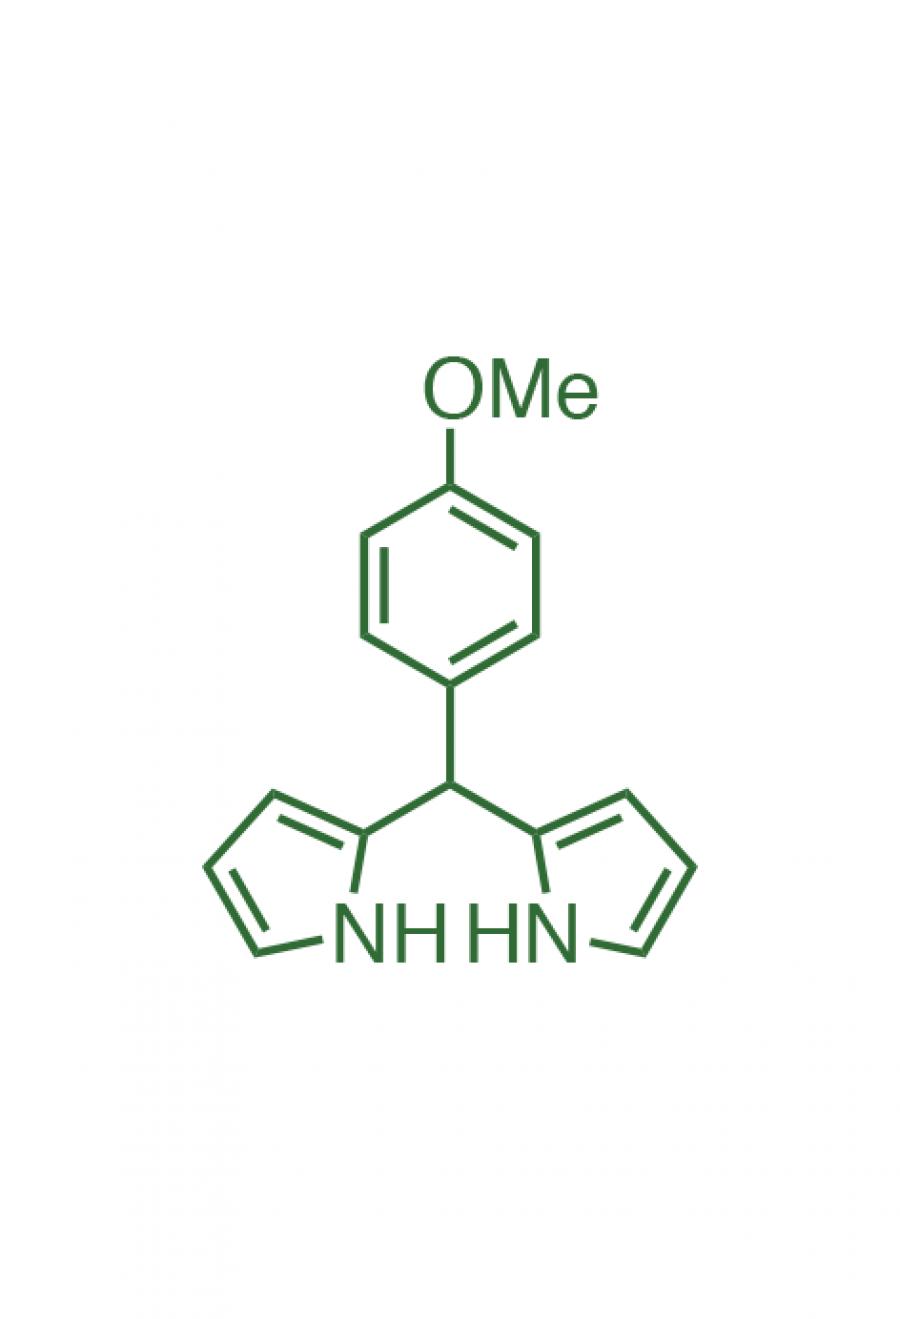 5-(4-methoxyphenyl)dipyrrylmethane